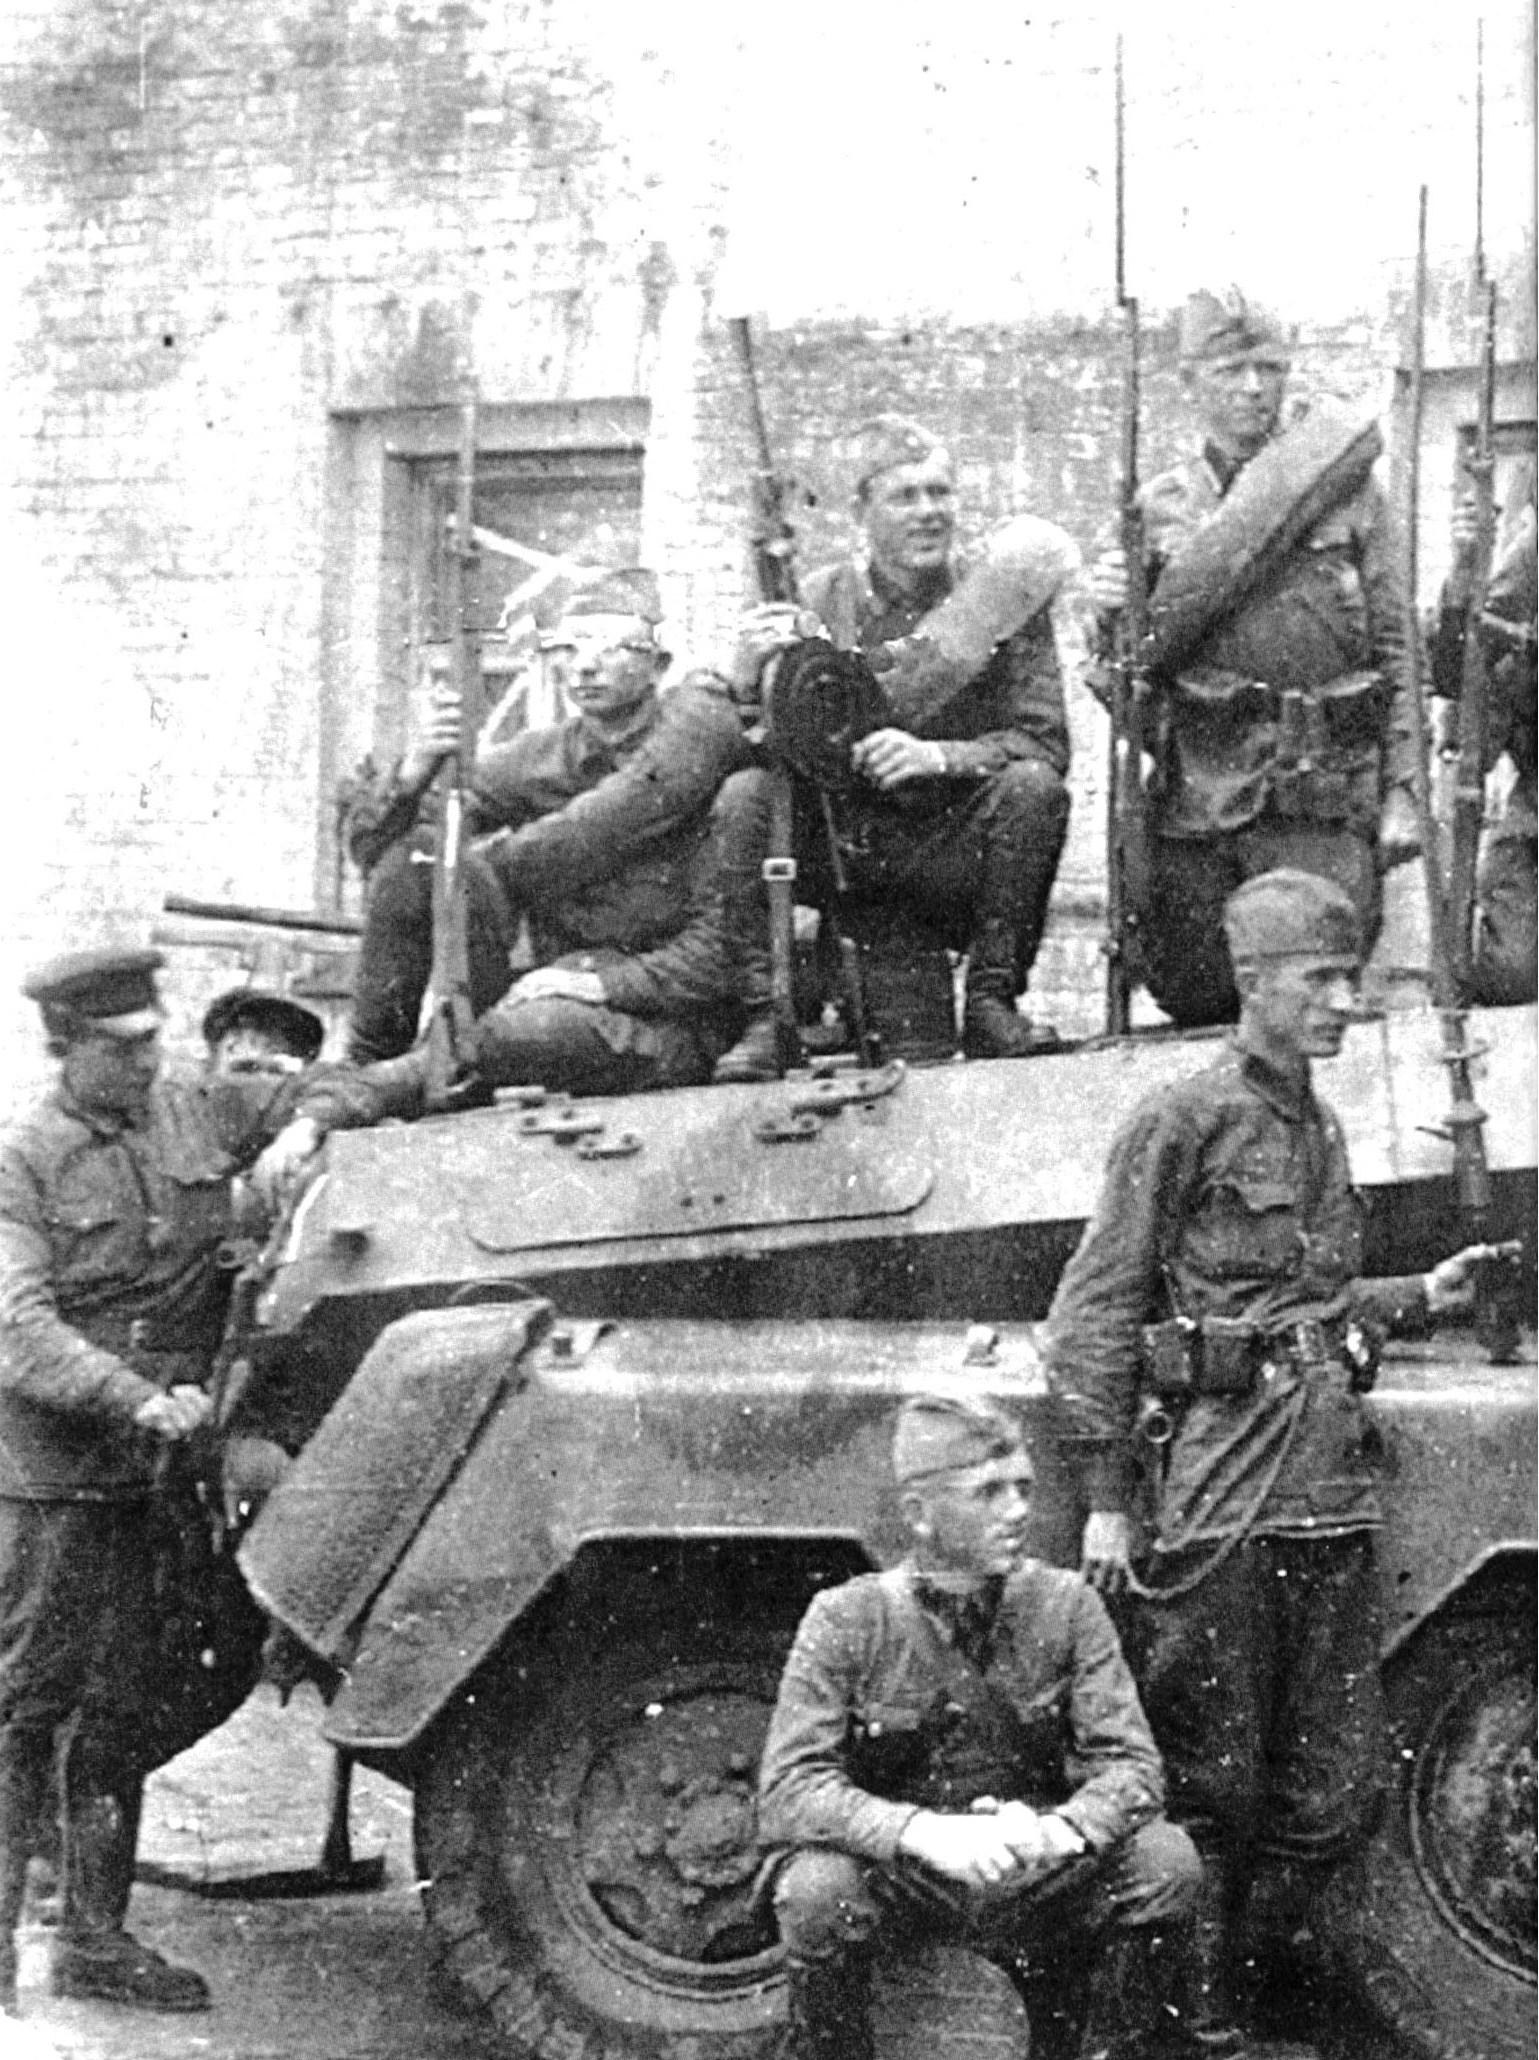 Советские солдаты на захваченном немецком бронеавтомобиле (1).